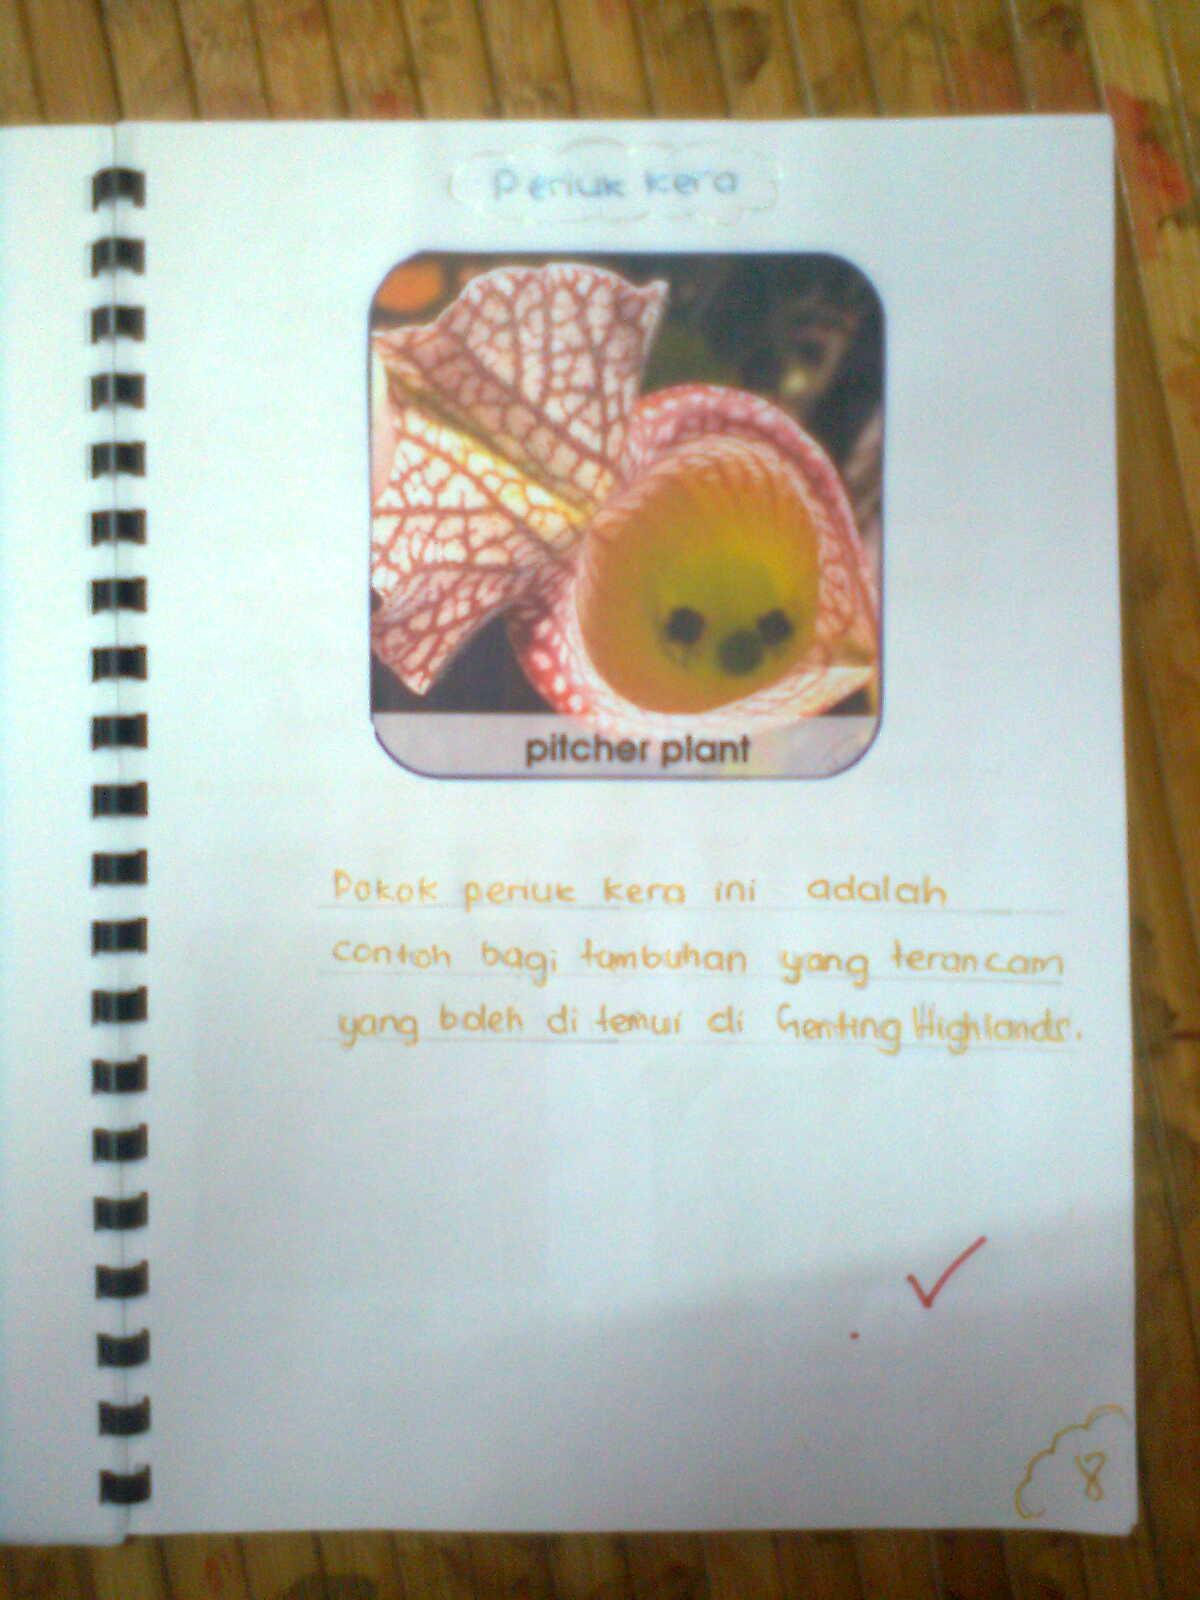 Contoh Buku Skrap Diri Saya Contoh Ole Cute766